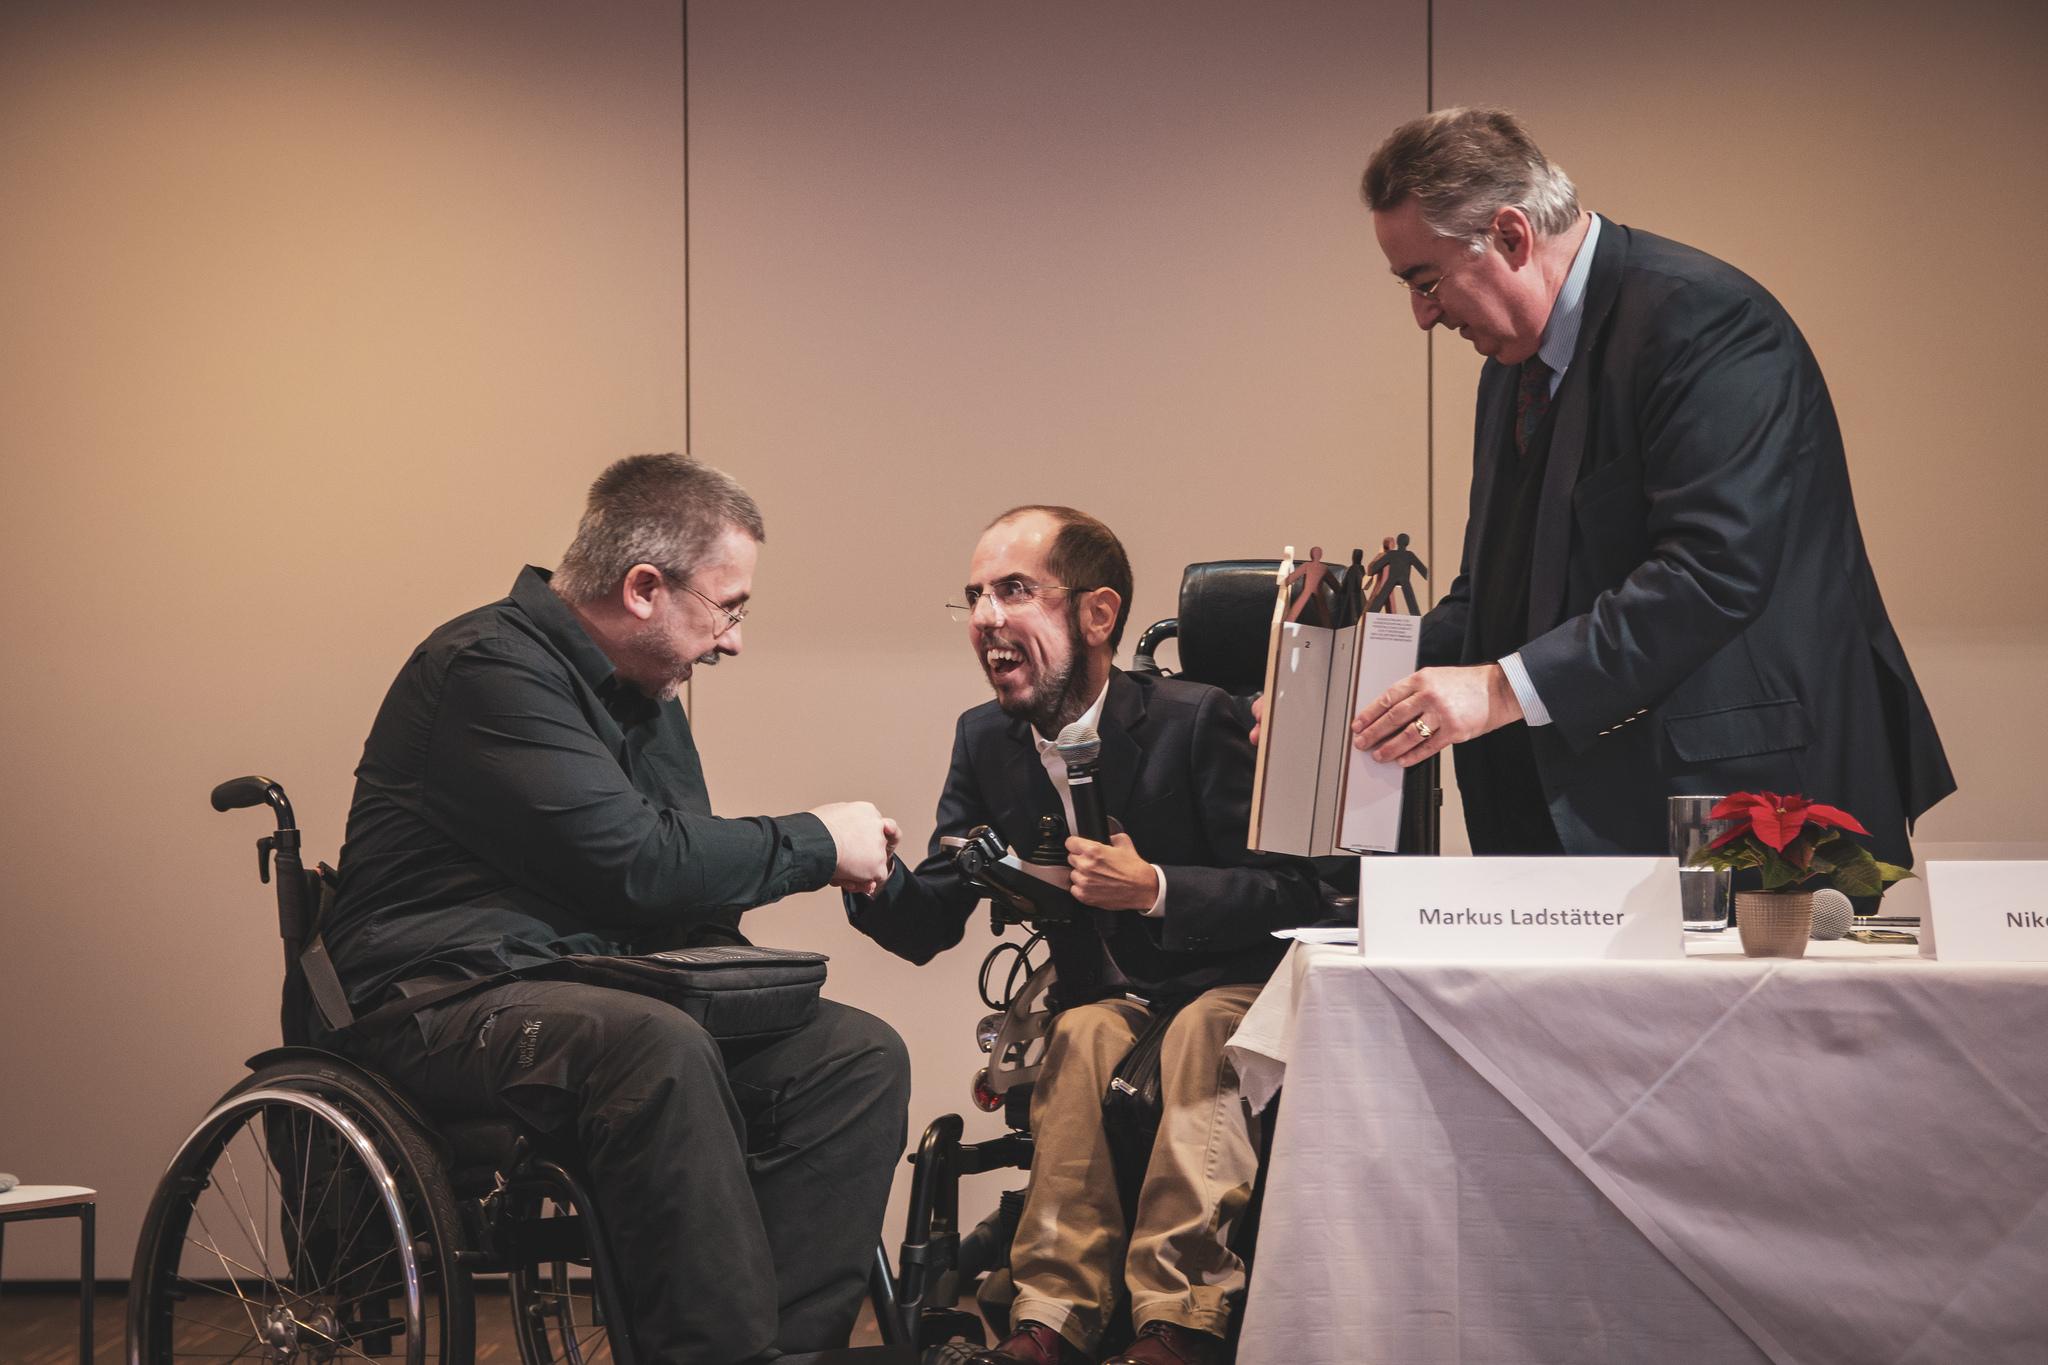 Manfred Fischer, Markus Ladstätter und Niklaus Hartig